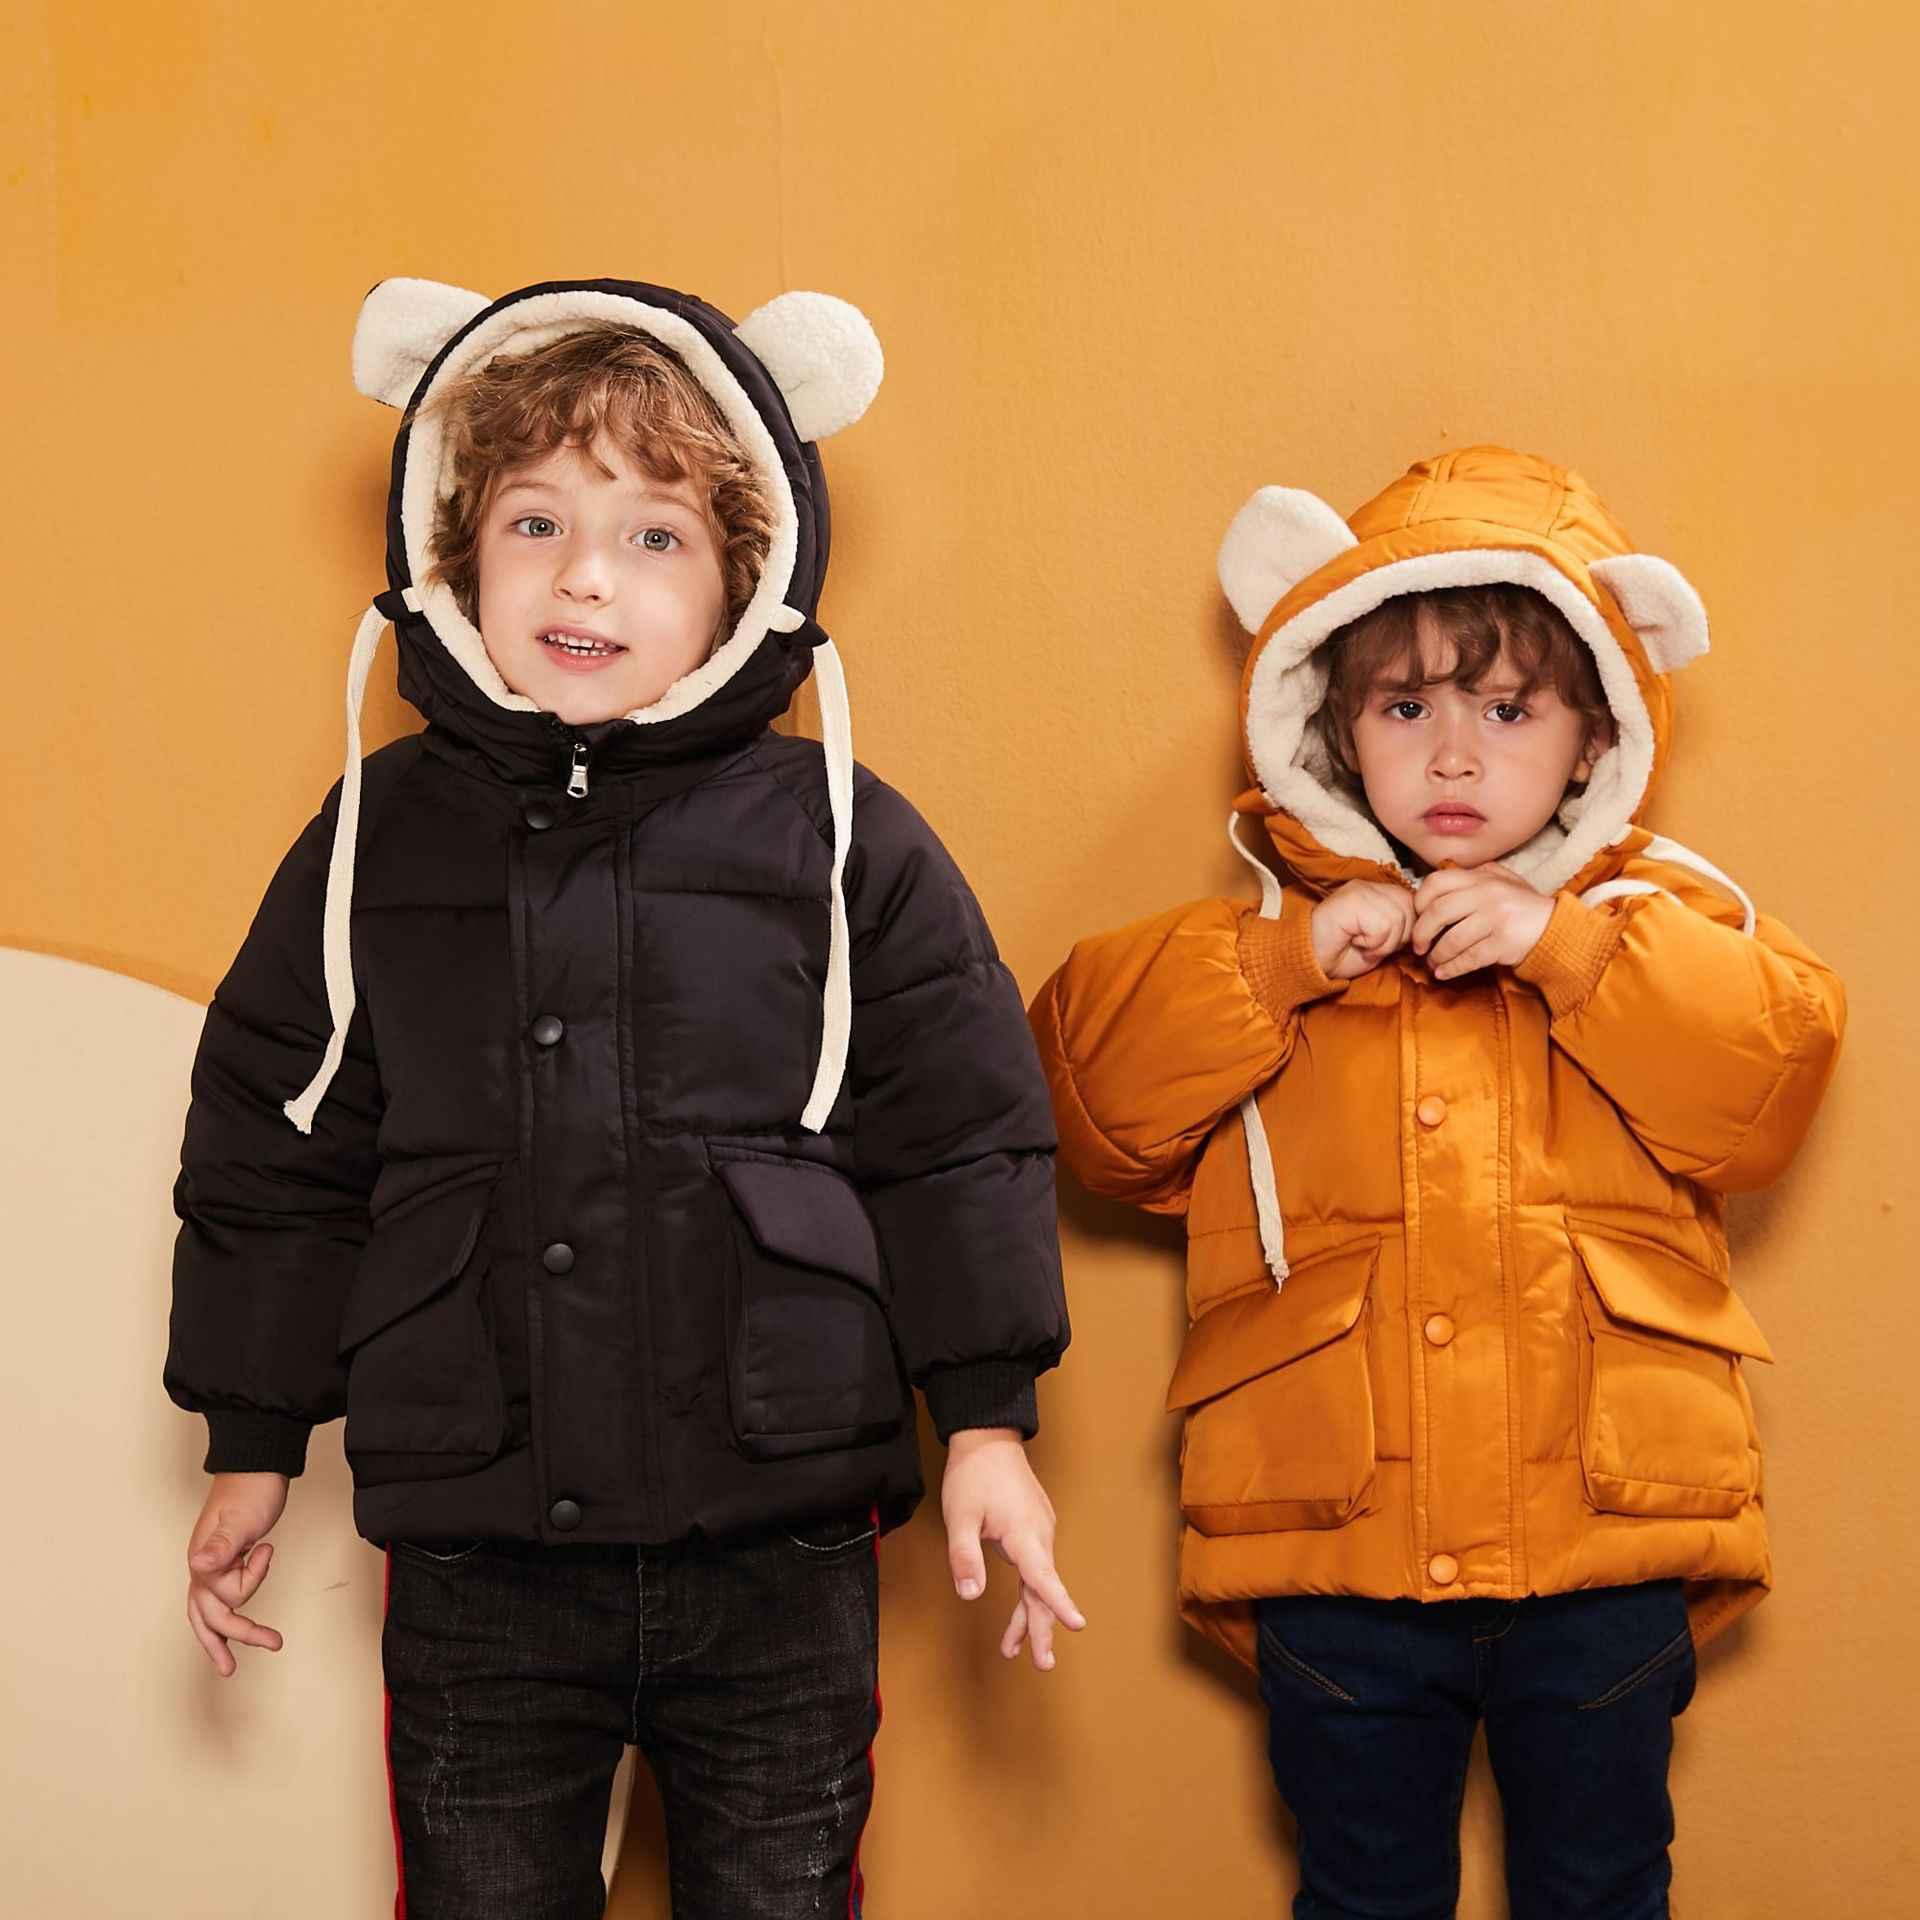 Nuevas chaquetas de abrigo de invierno CYSINCOS para Niñas Ropa Chaquetas niños de algodón con capucha prendas de vestir niños chaqueta Niños Niñas Ropa